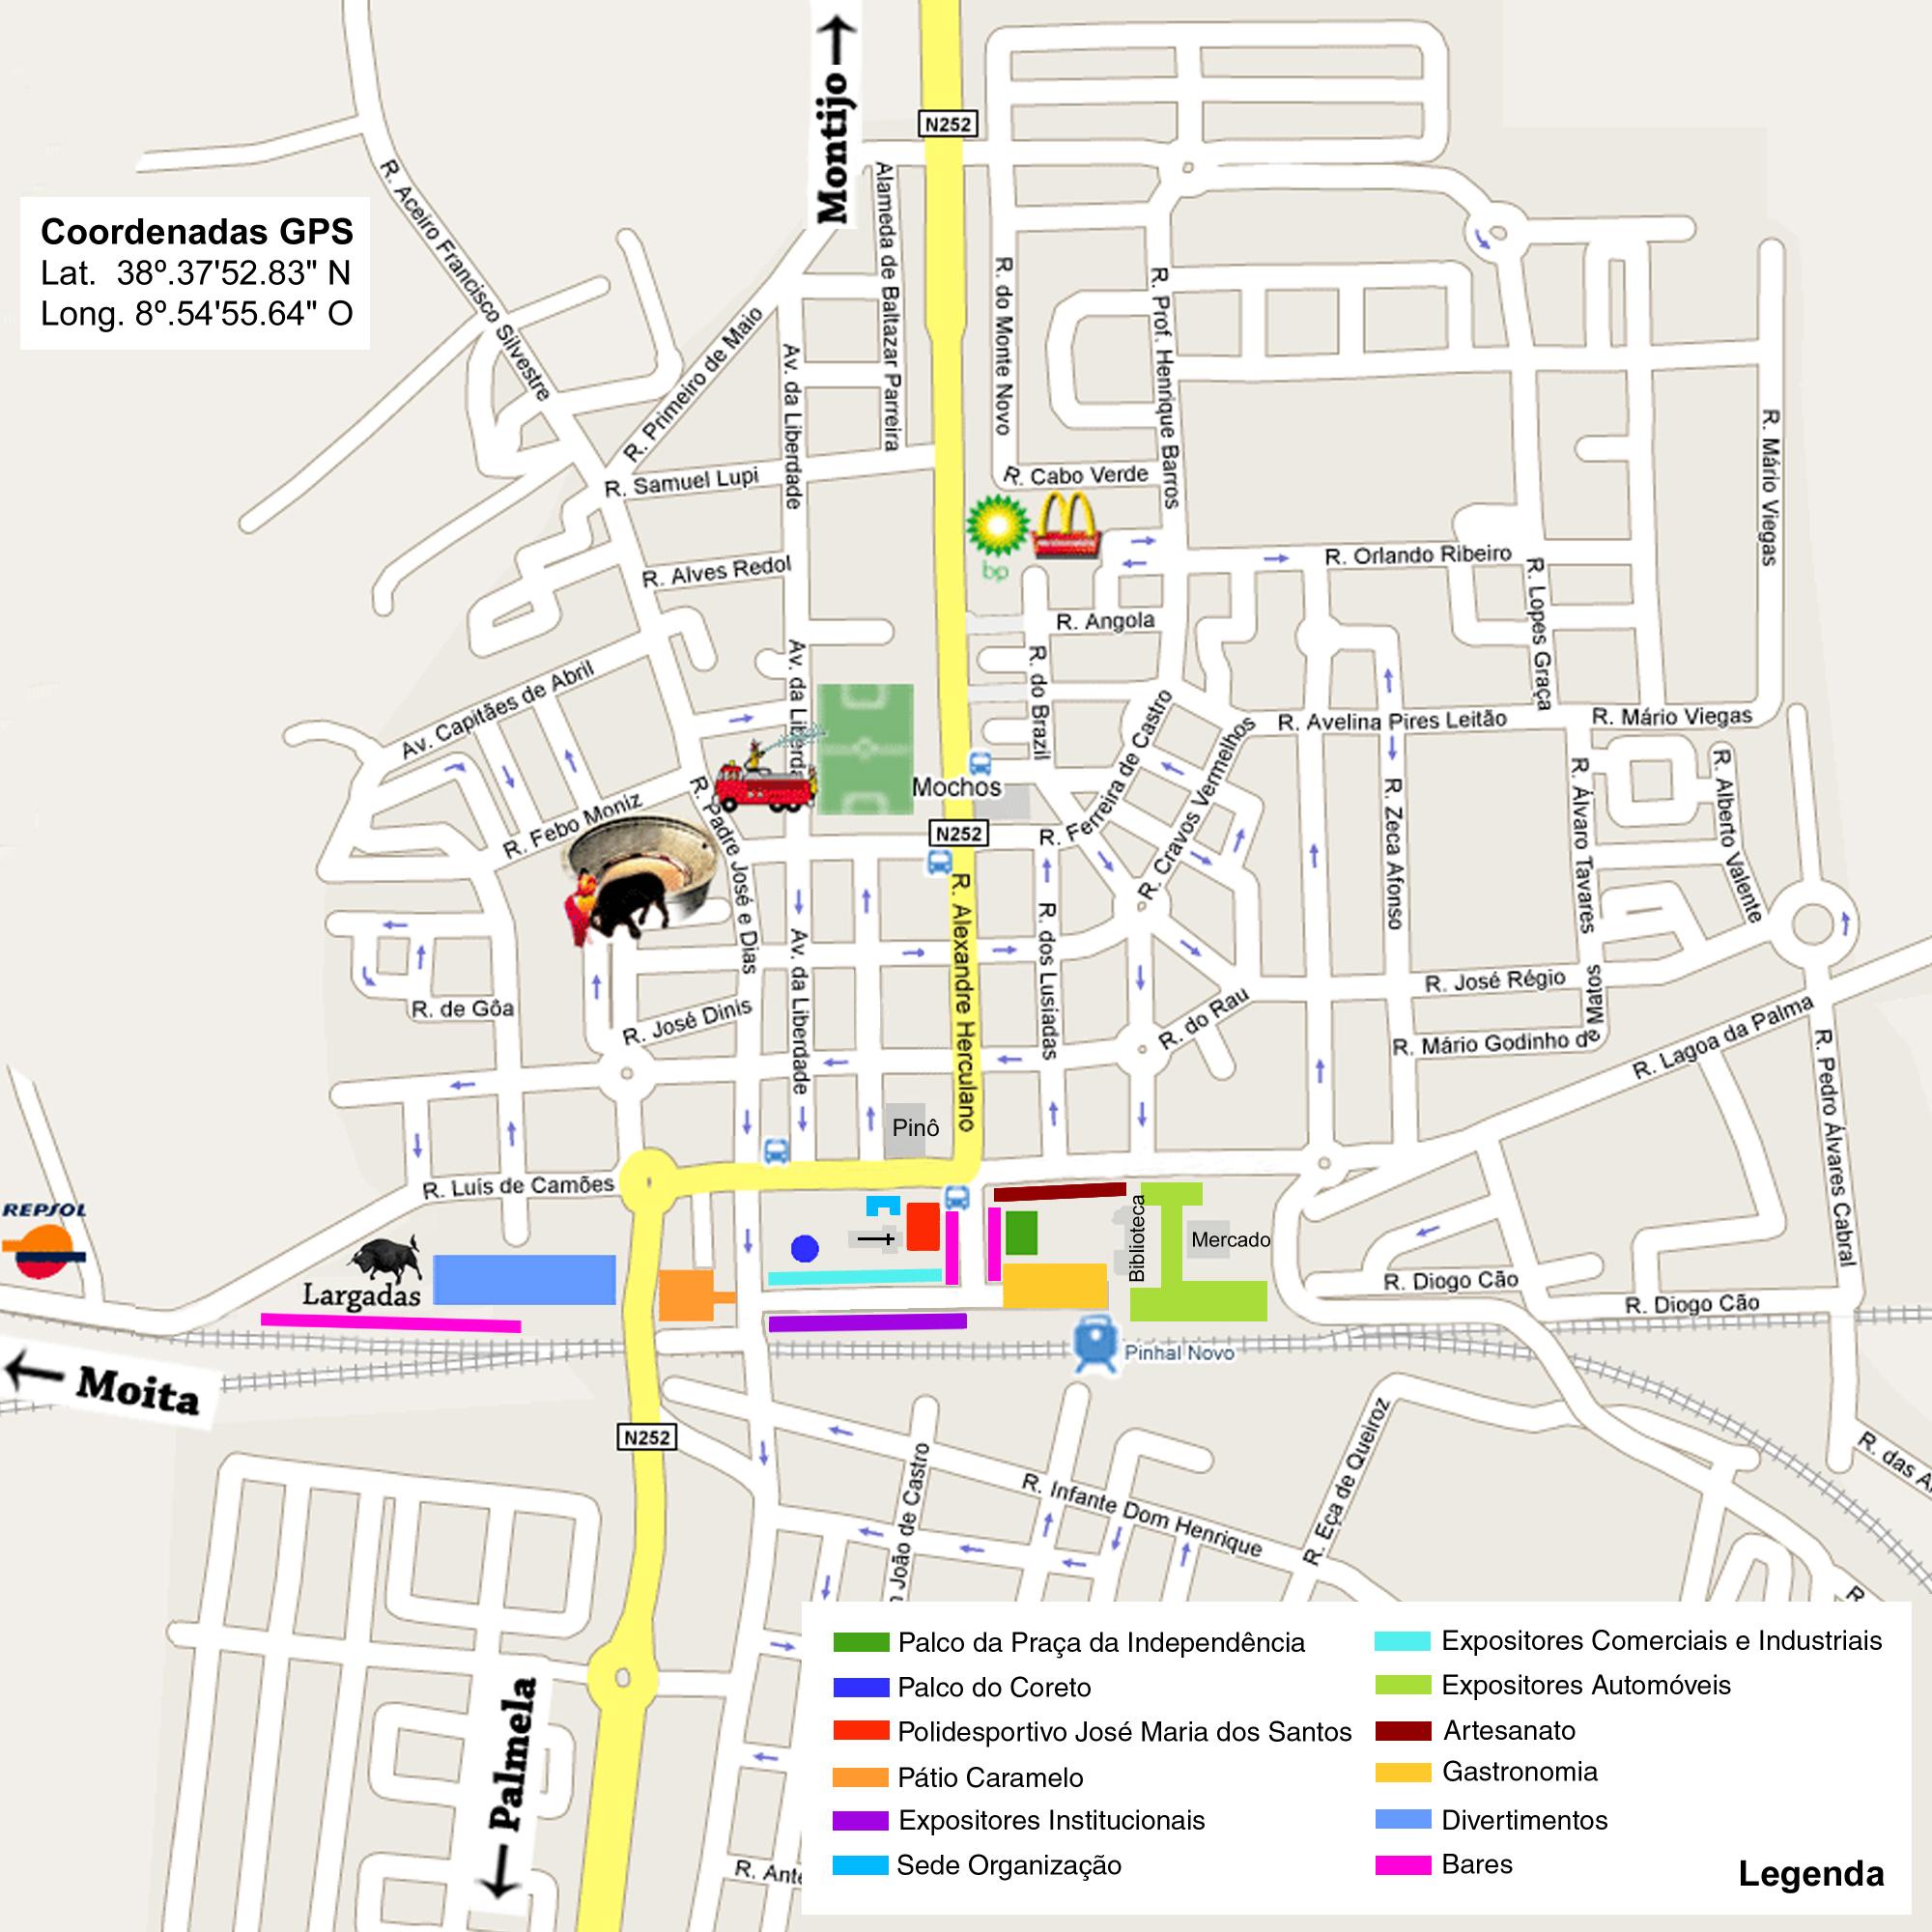 mapa do pinhal novo mapa das festas   Festas Pinhal Novo mapa do pinhal novo